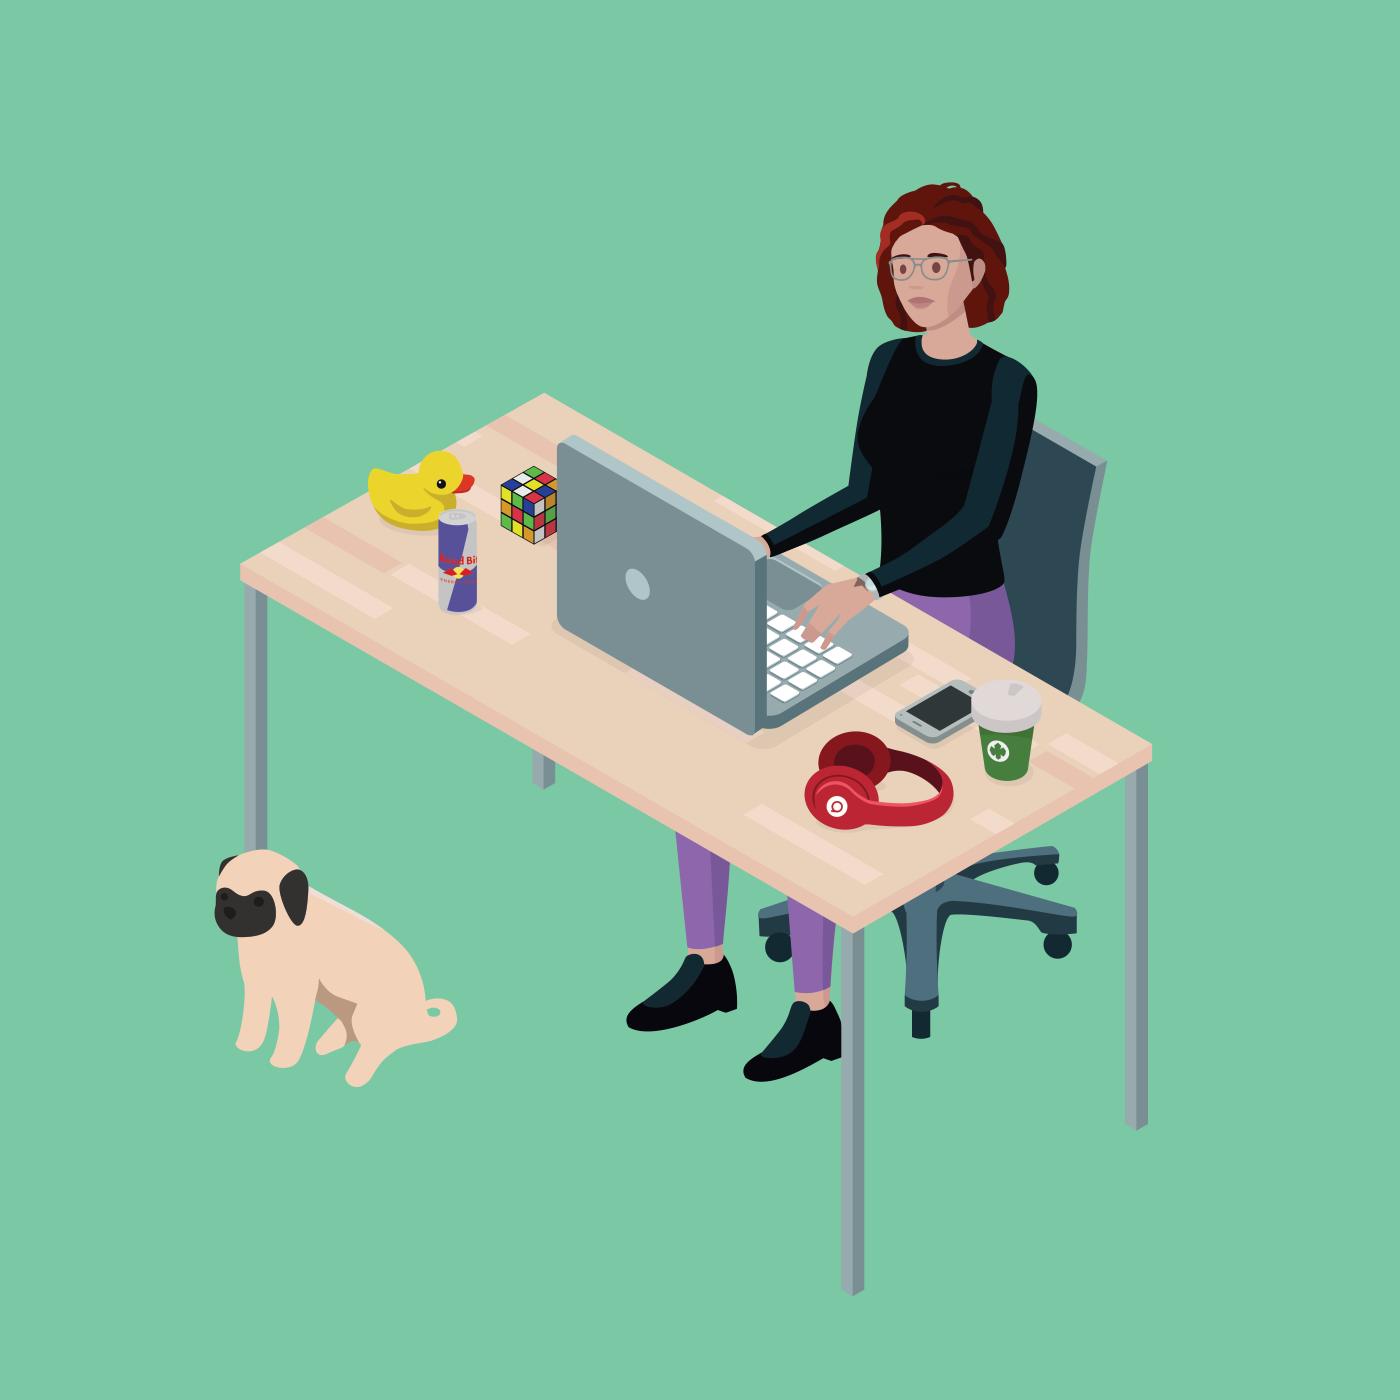 officejam - My Friday Developer Jam: Push it by Salt-N-Pepa - devRant